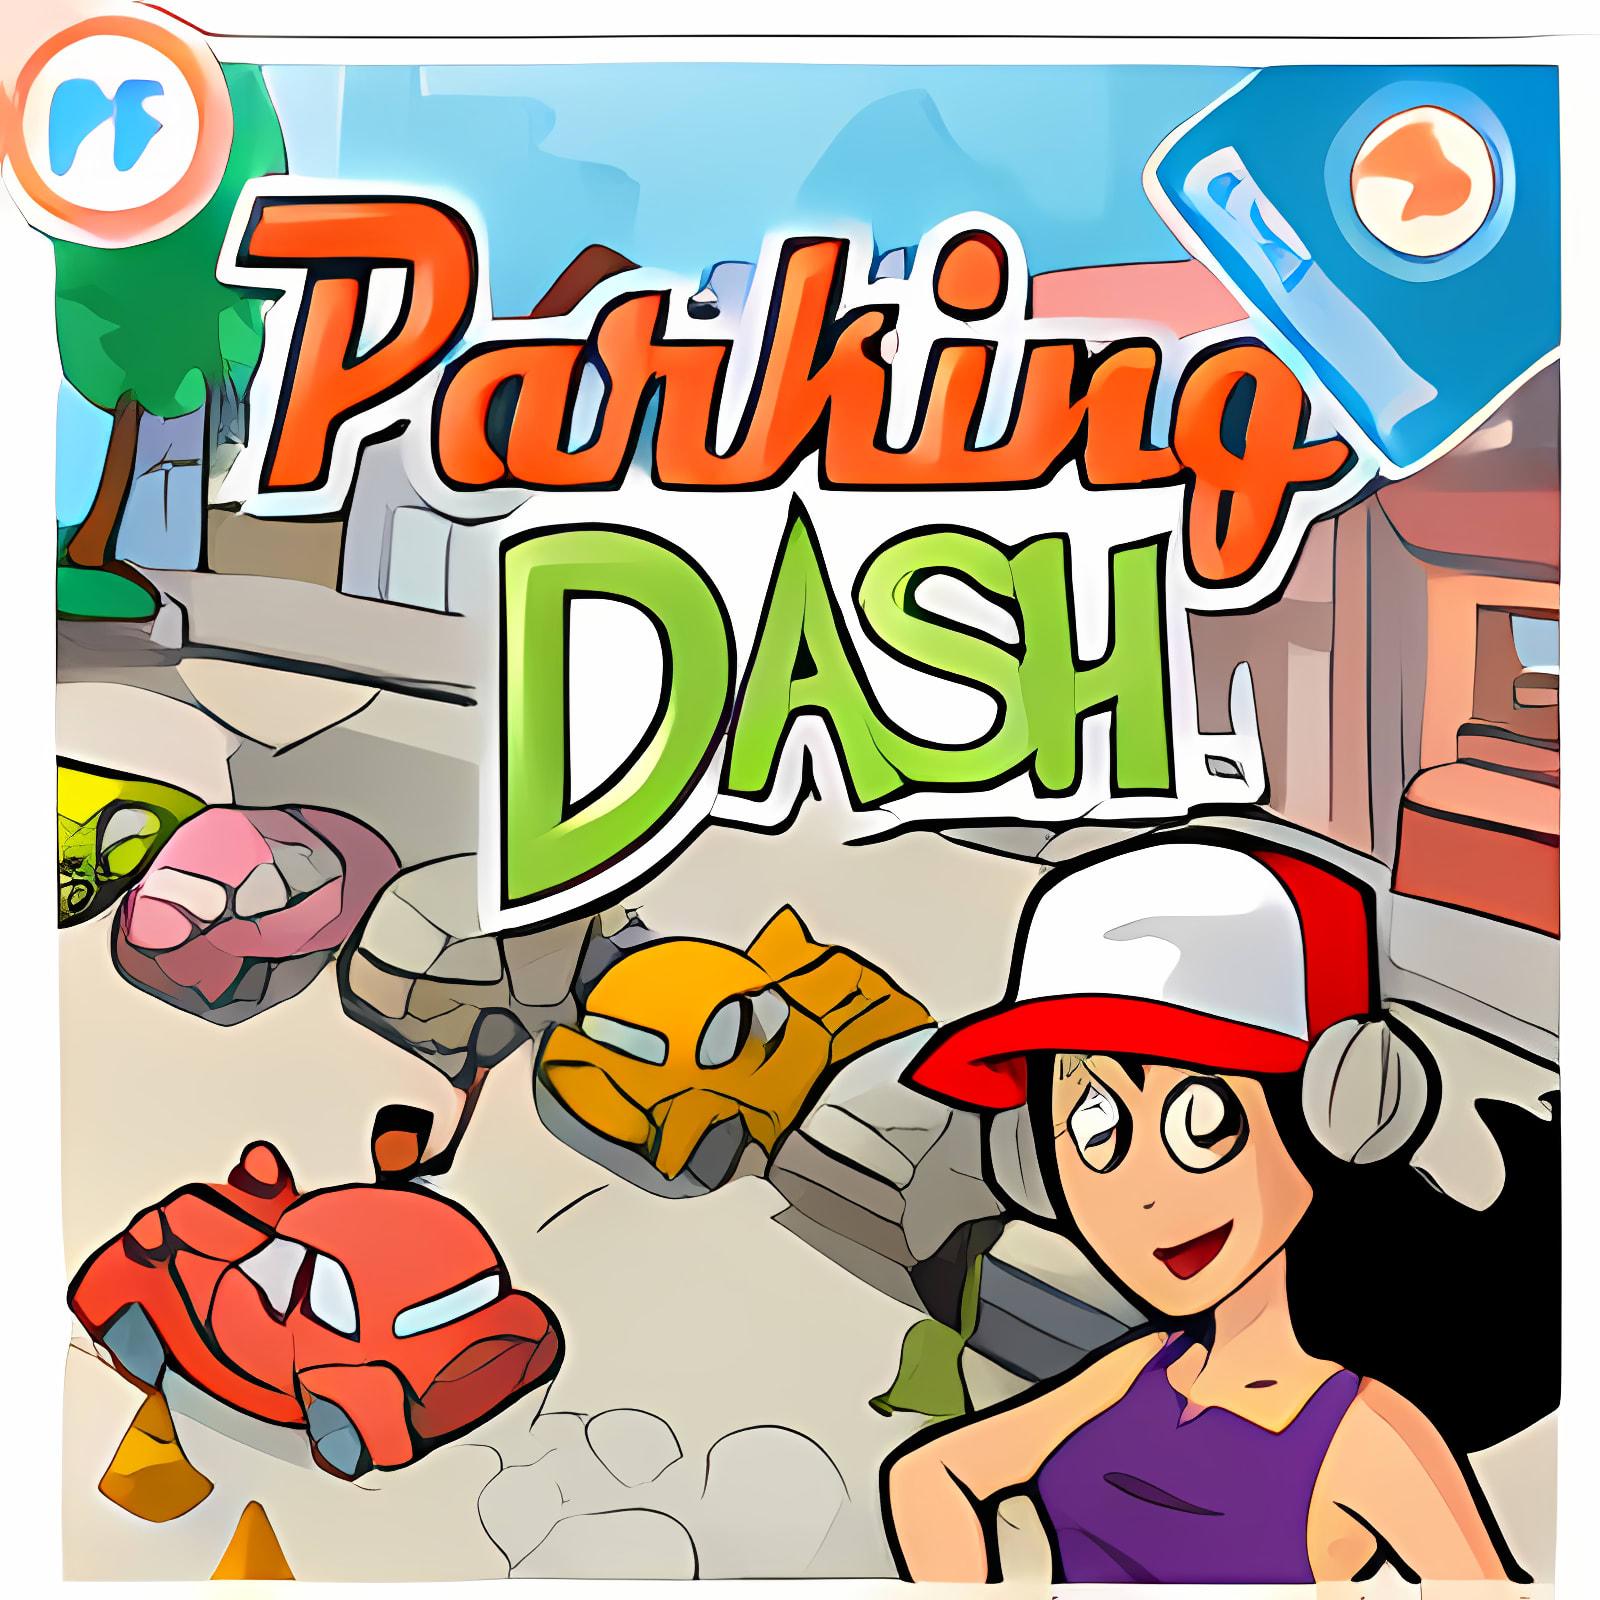 Parking Dash